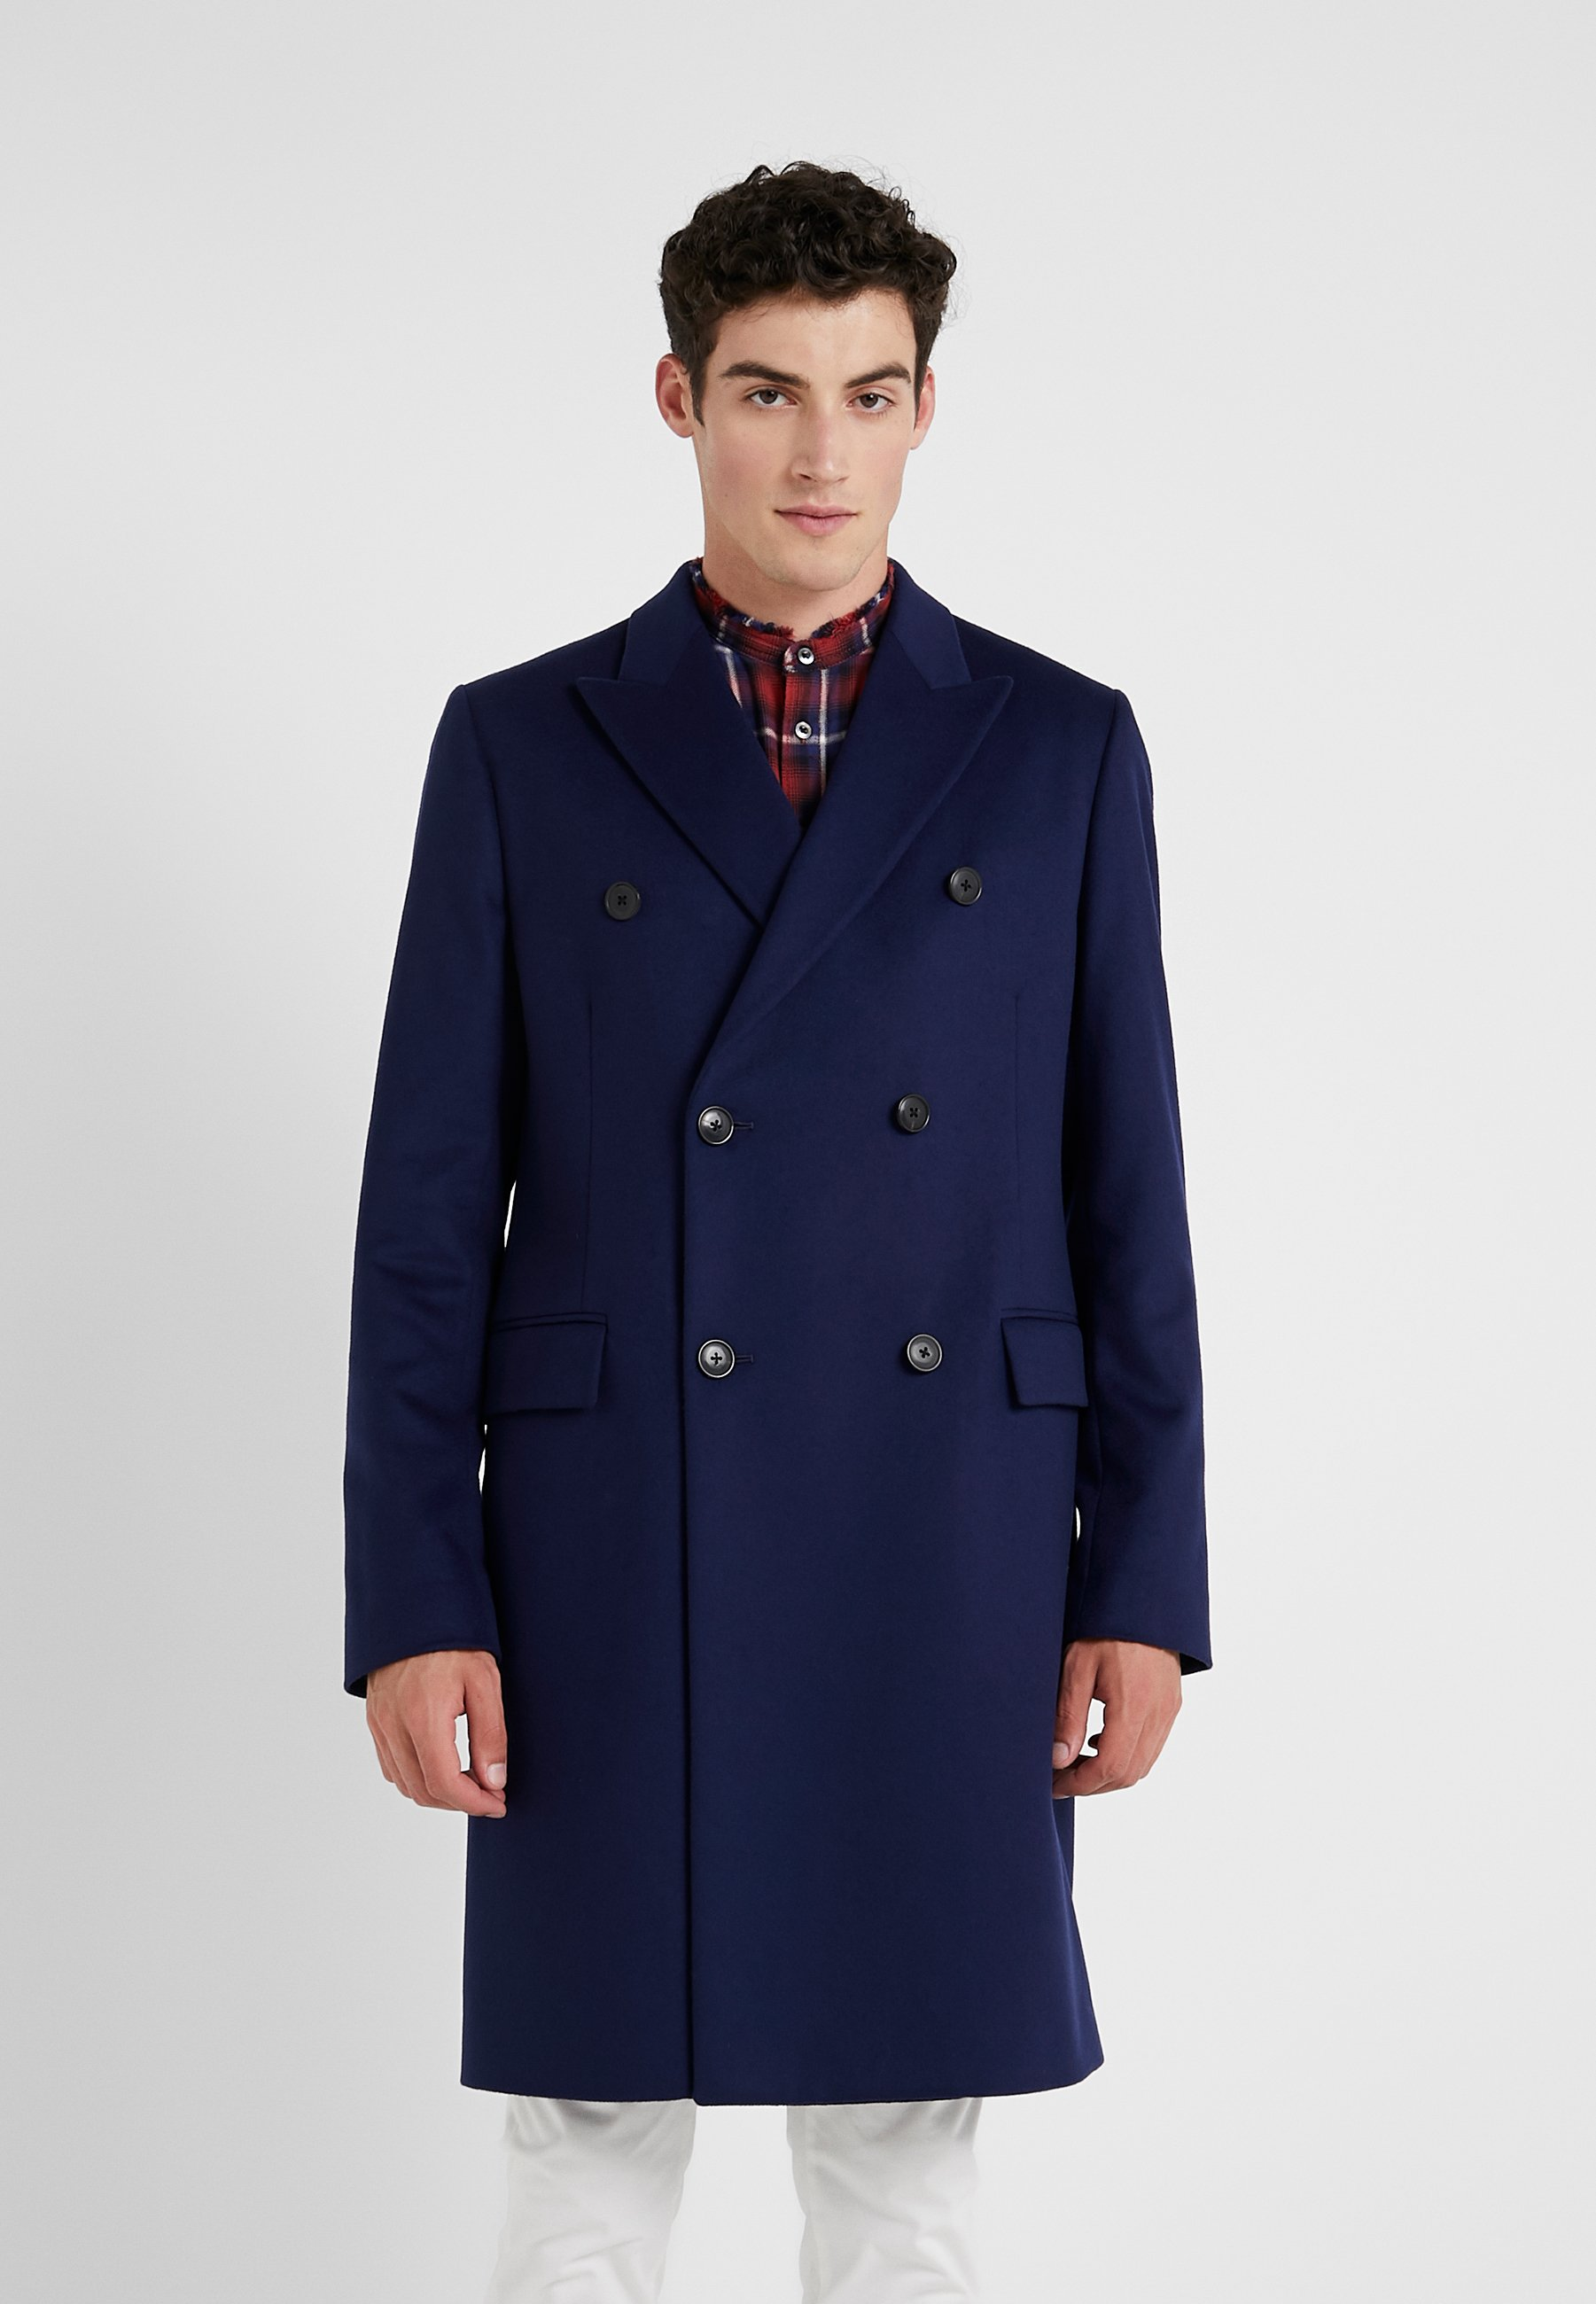 Smith Gents OvercoatManteau Paul Classique Blue nON8wPk0X